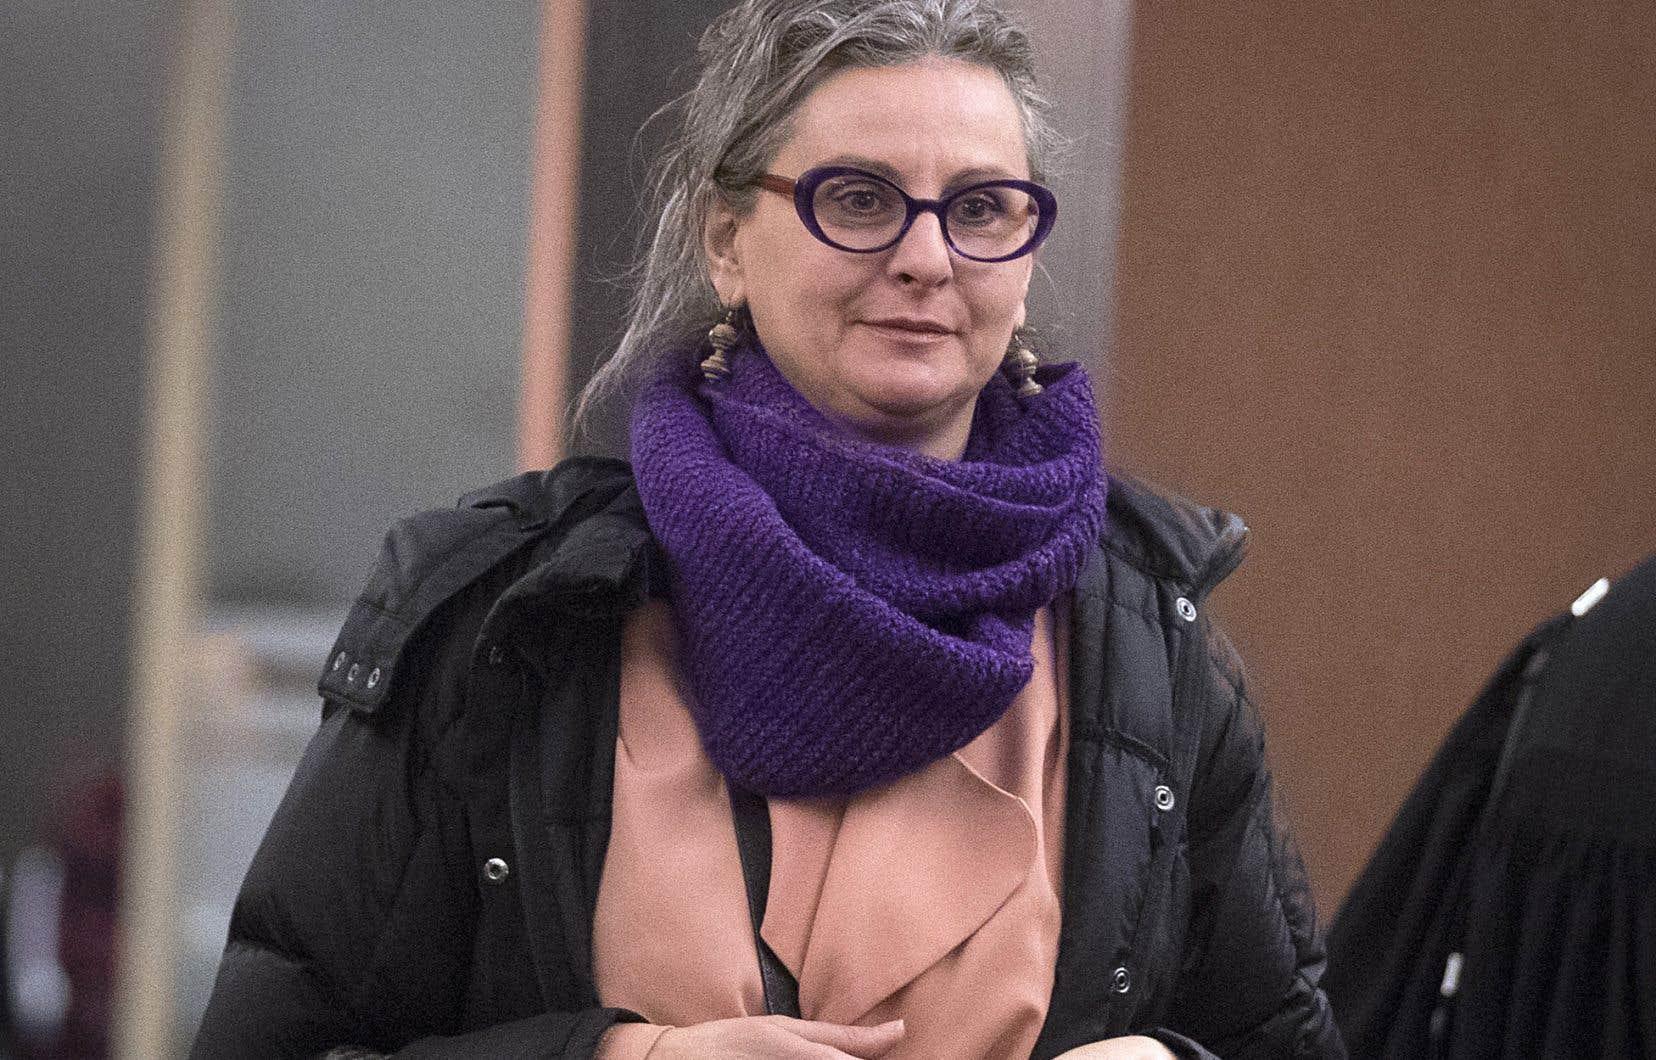 «Le procureur et le juge semblent tout à fait conscients des enjeux politiques entourant les crimes de haine envers les femmes», a déclaré Sandrine Ricci, l'une des victimes.